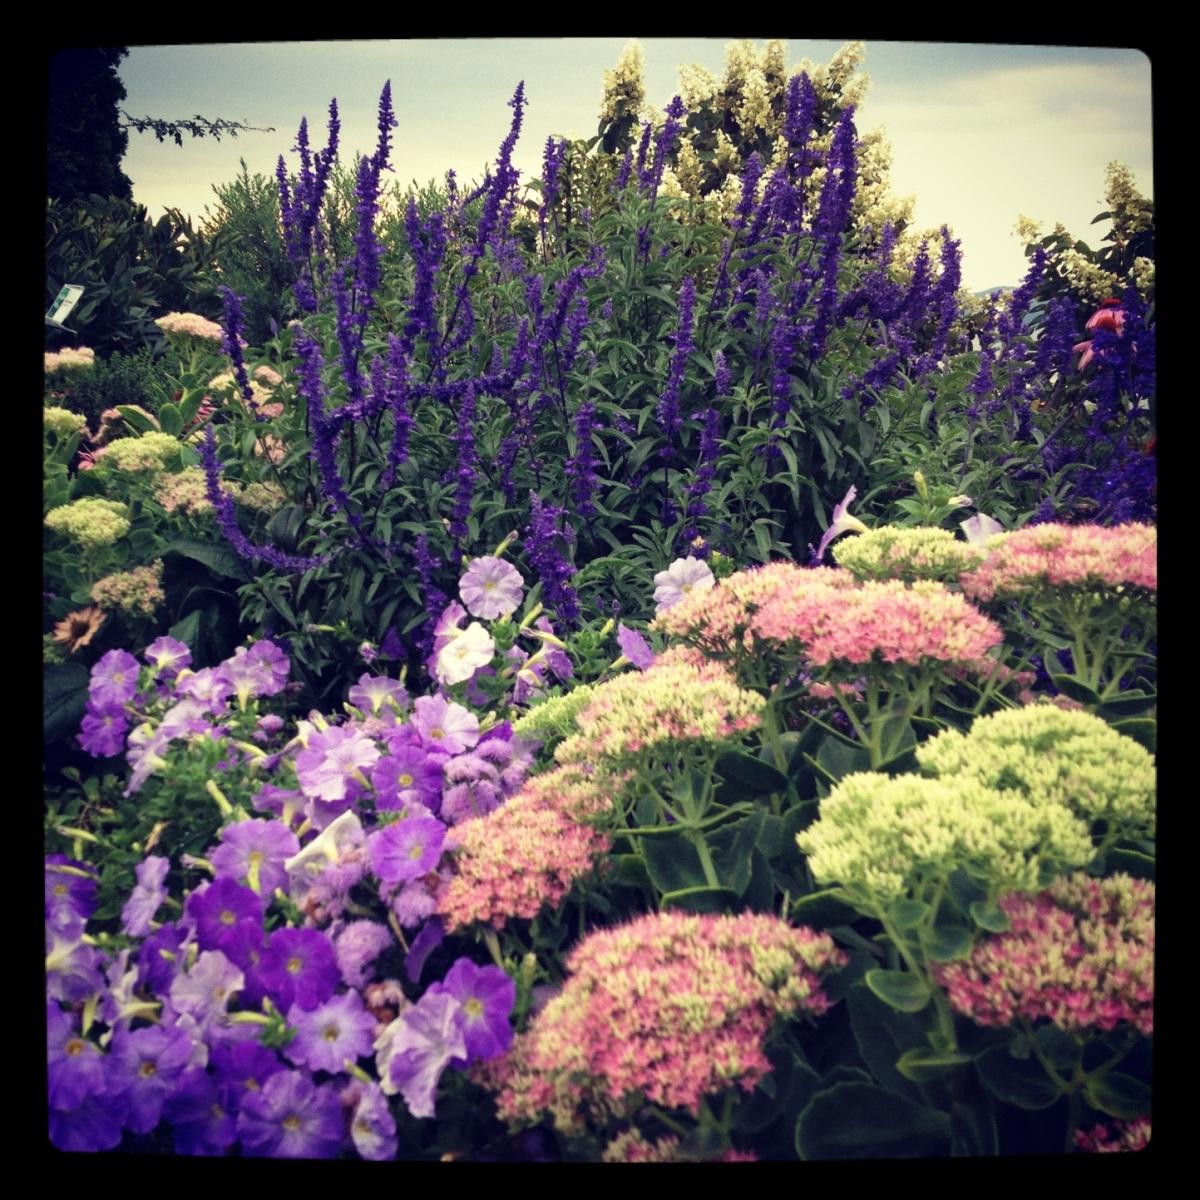 Garden at Shelburne Farms